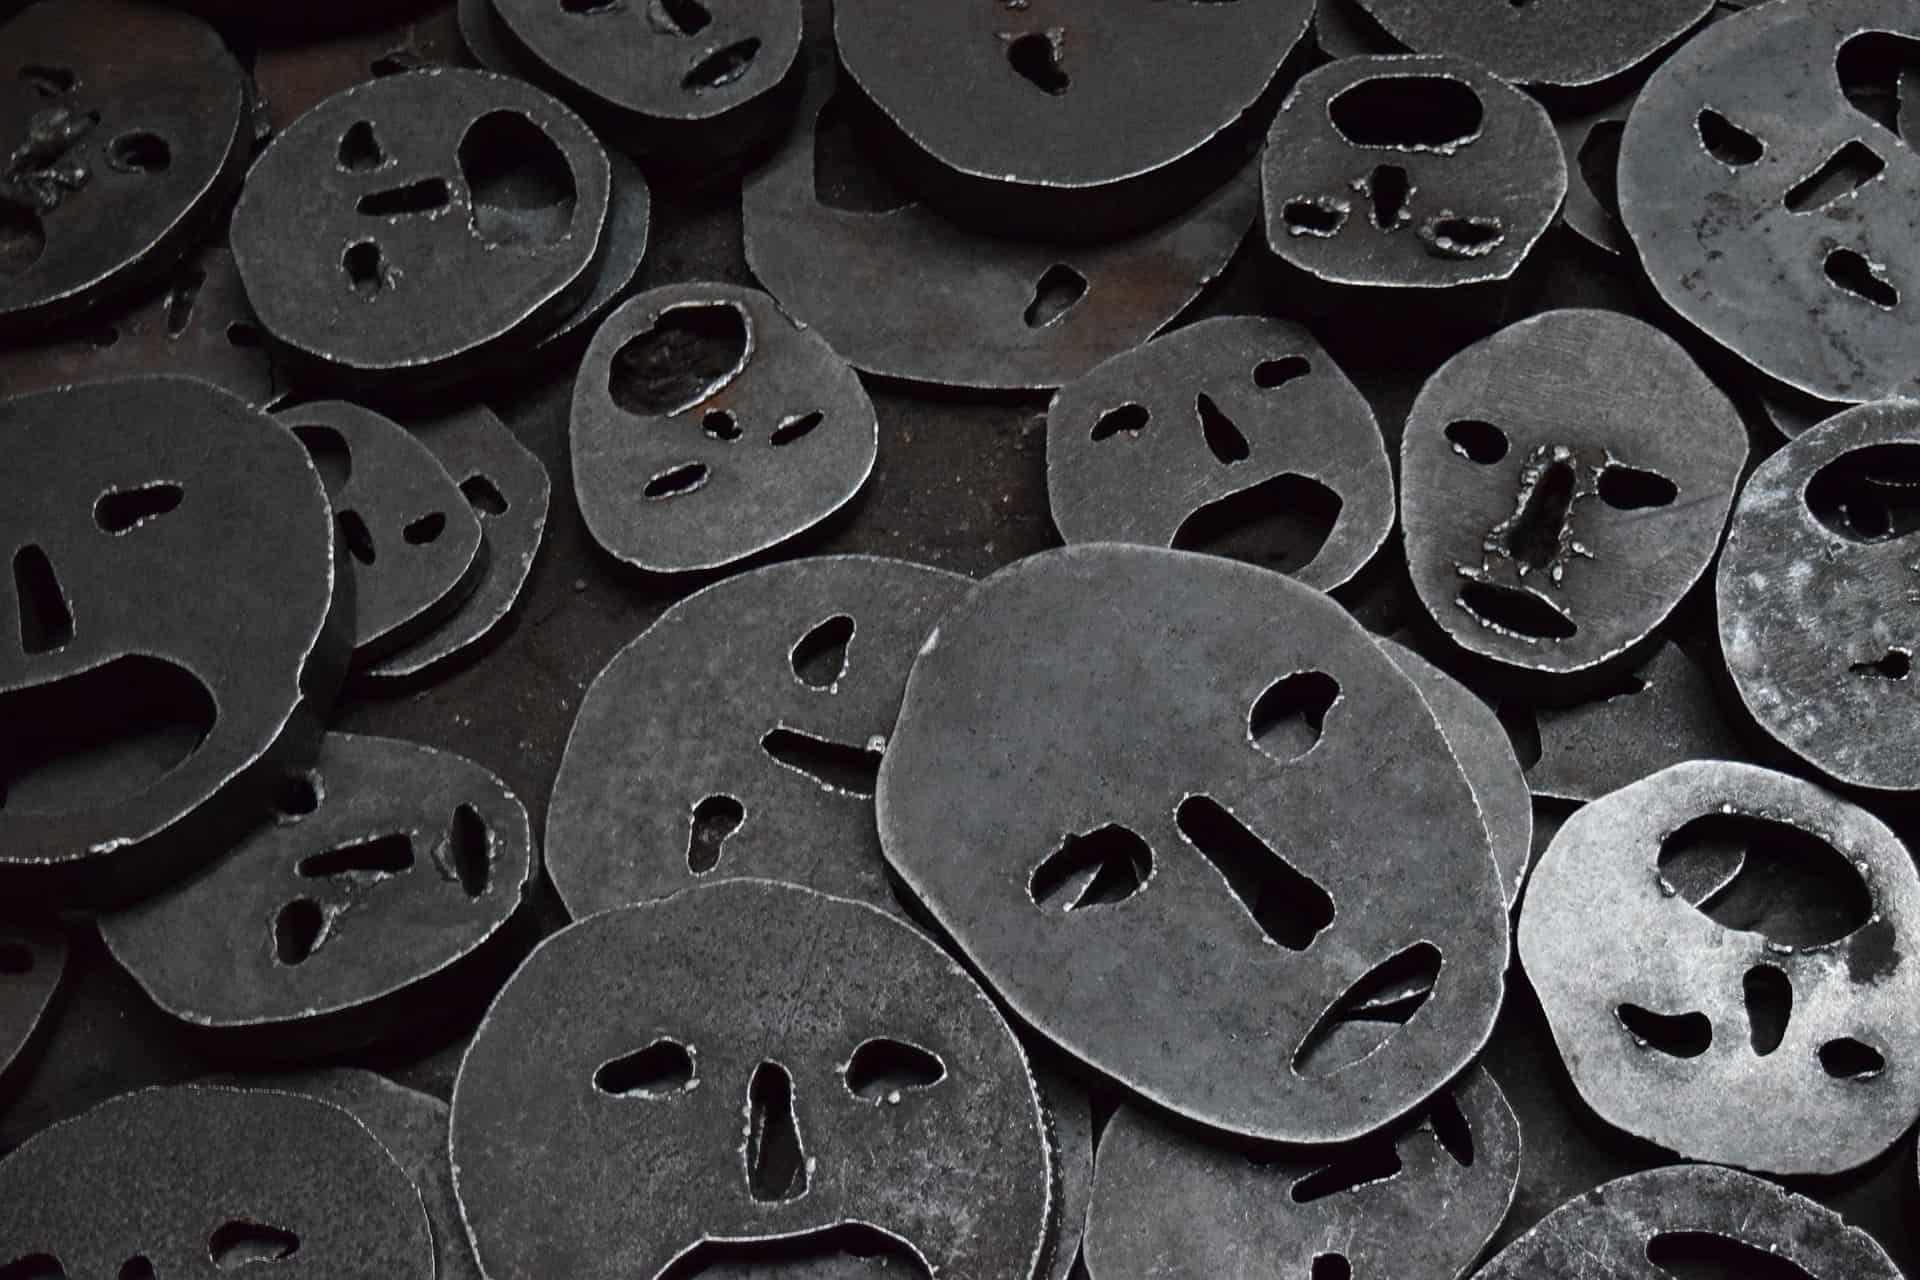 השואה. צילום: פיקסביי